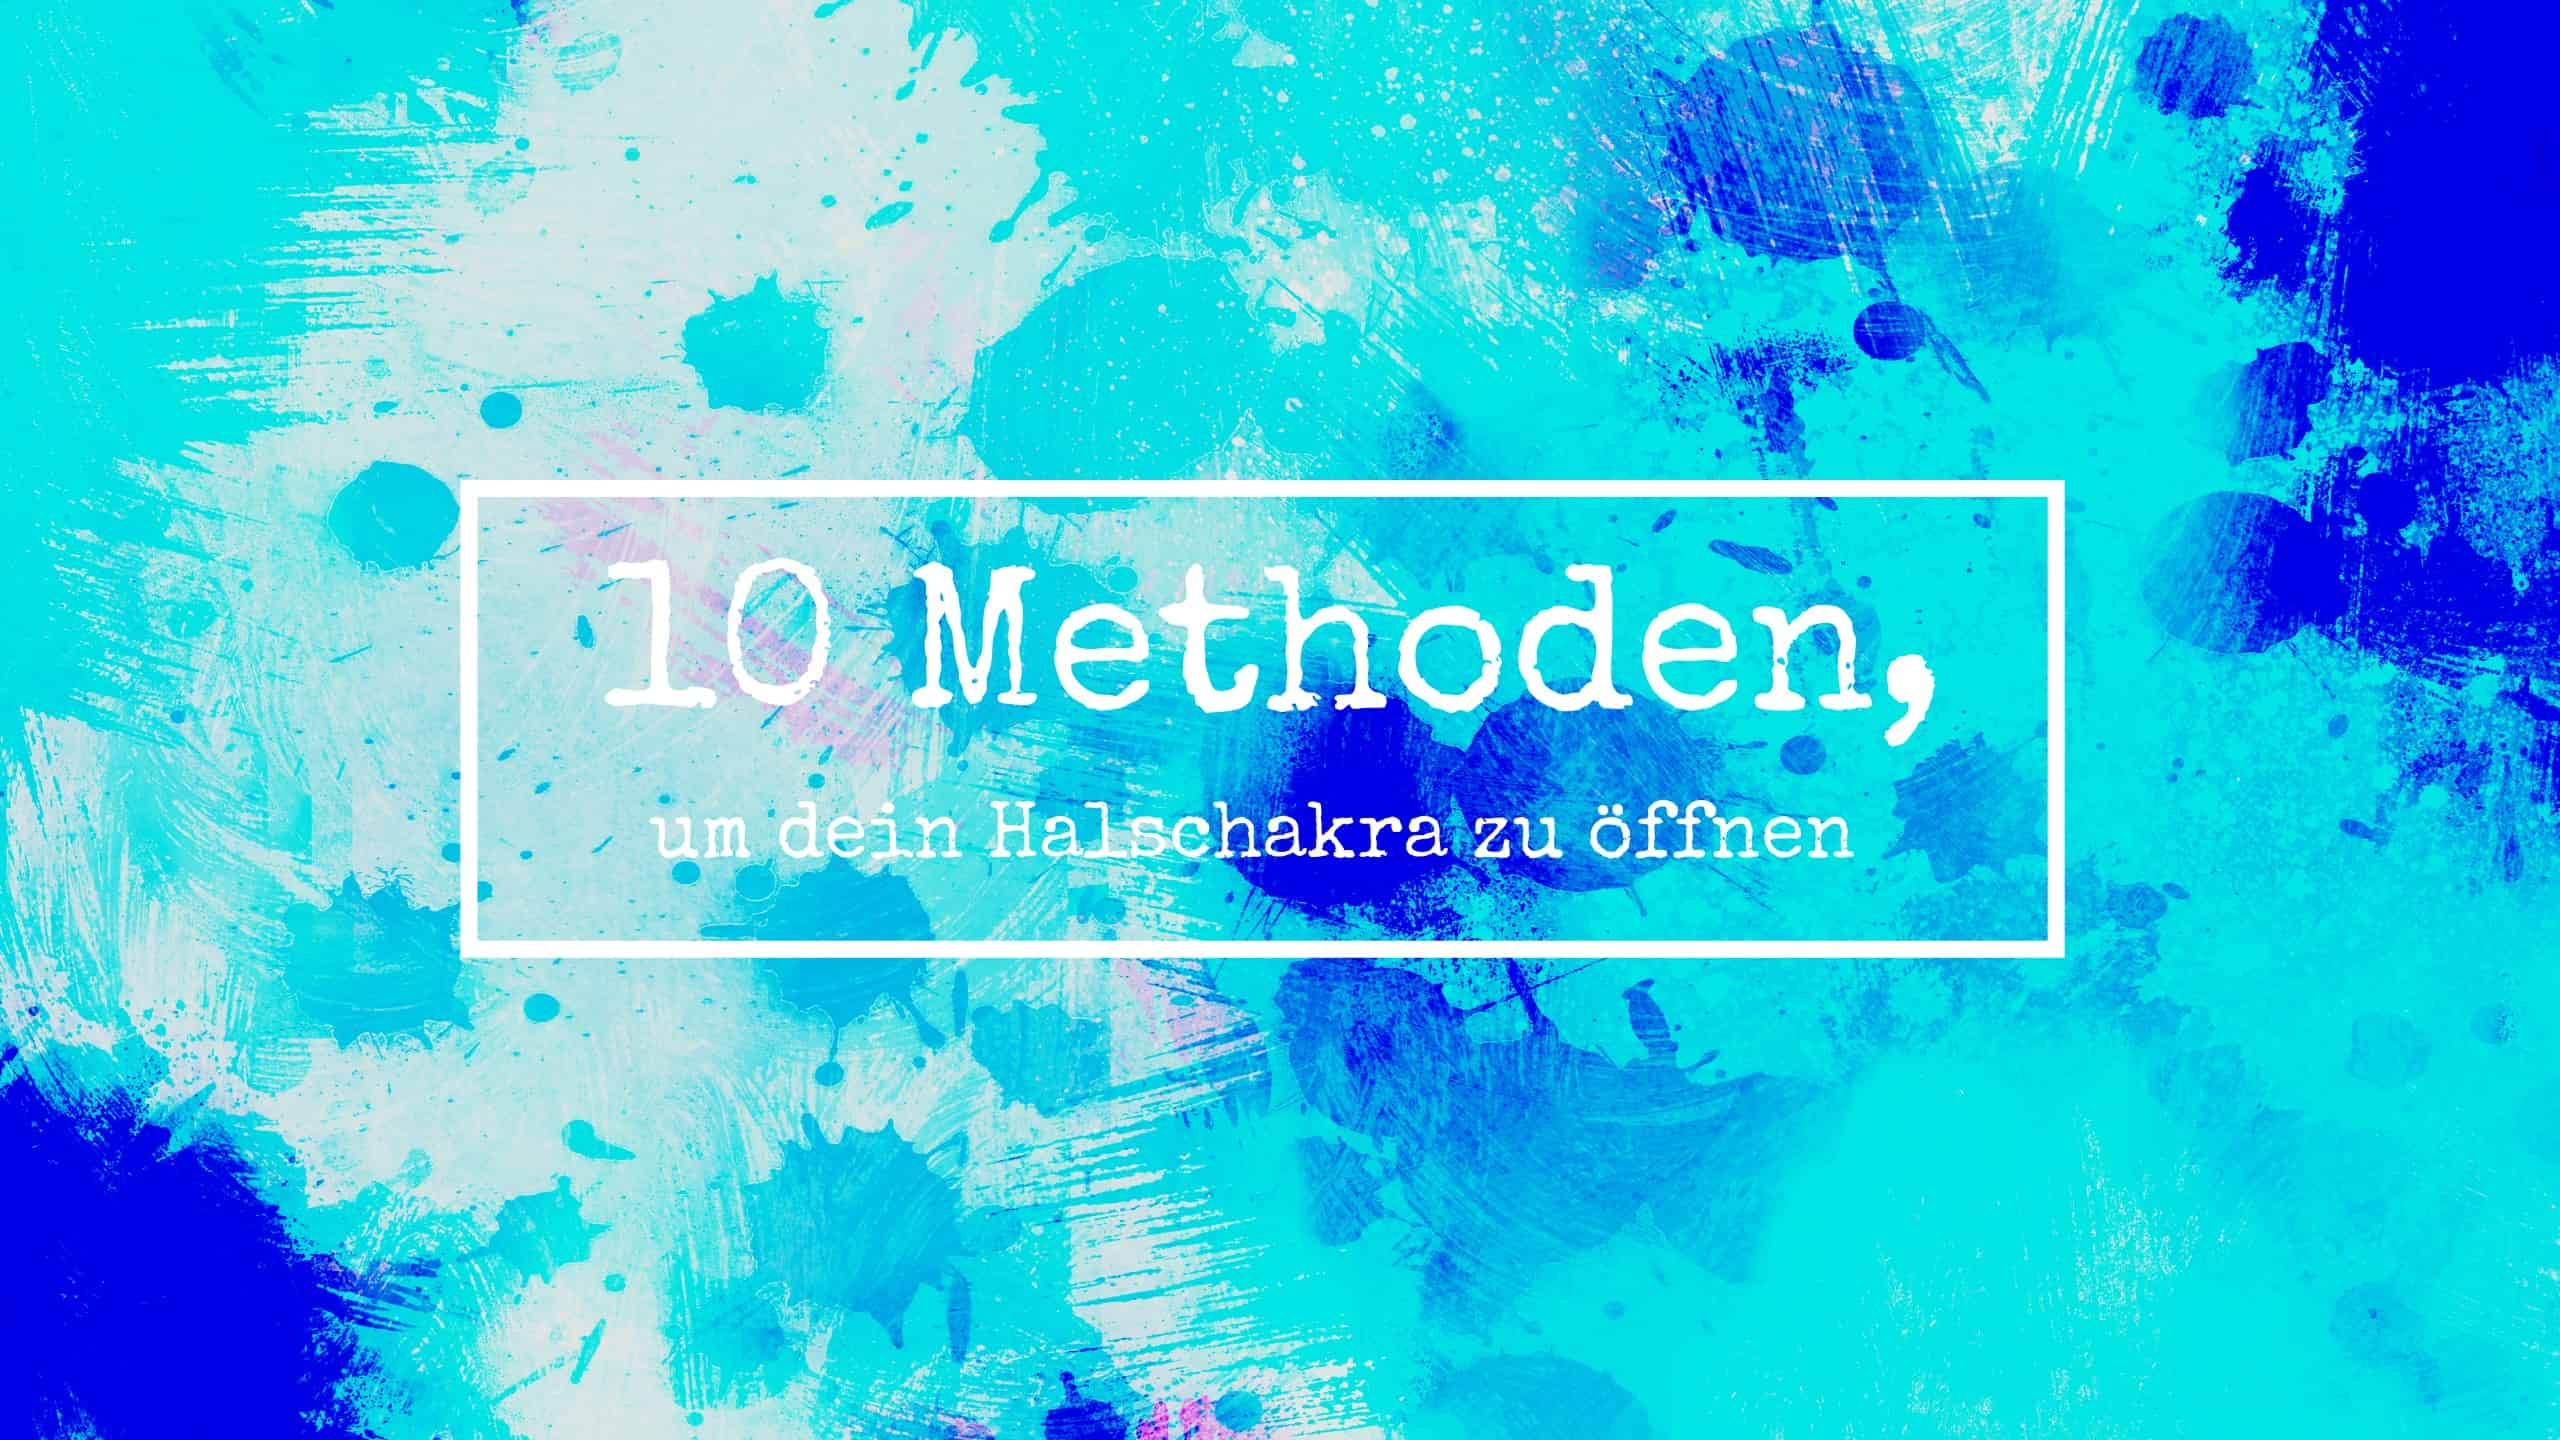 10_Methoden__um_dein_Halschakra_zu_öffnen